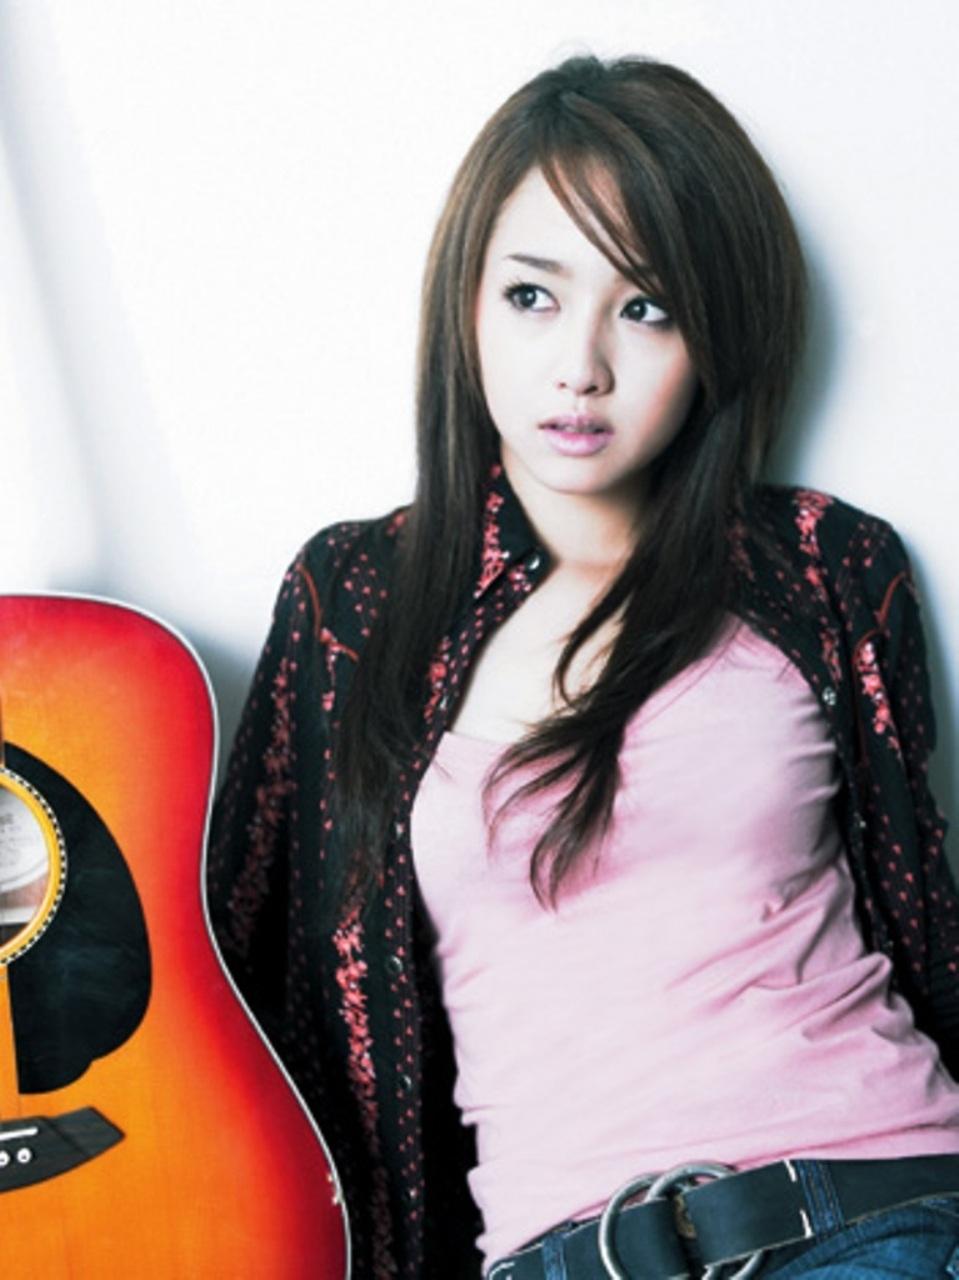 Erika Sawajiri sexy pic